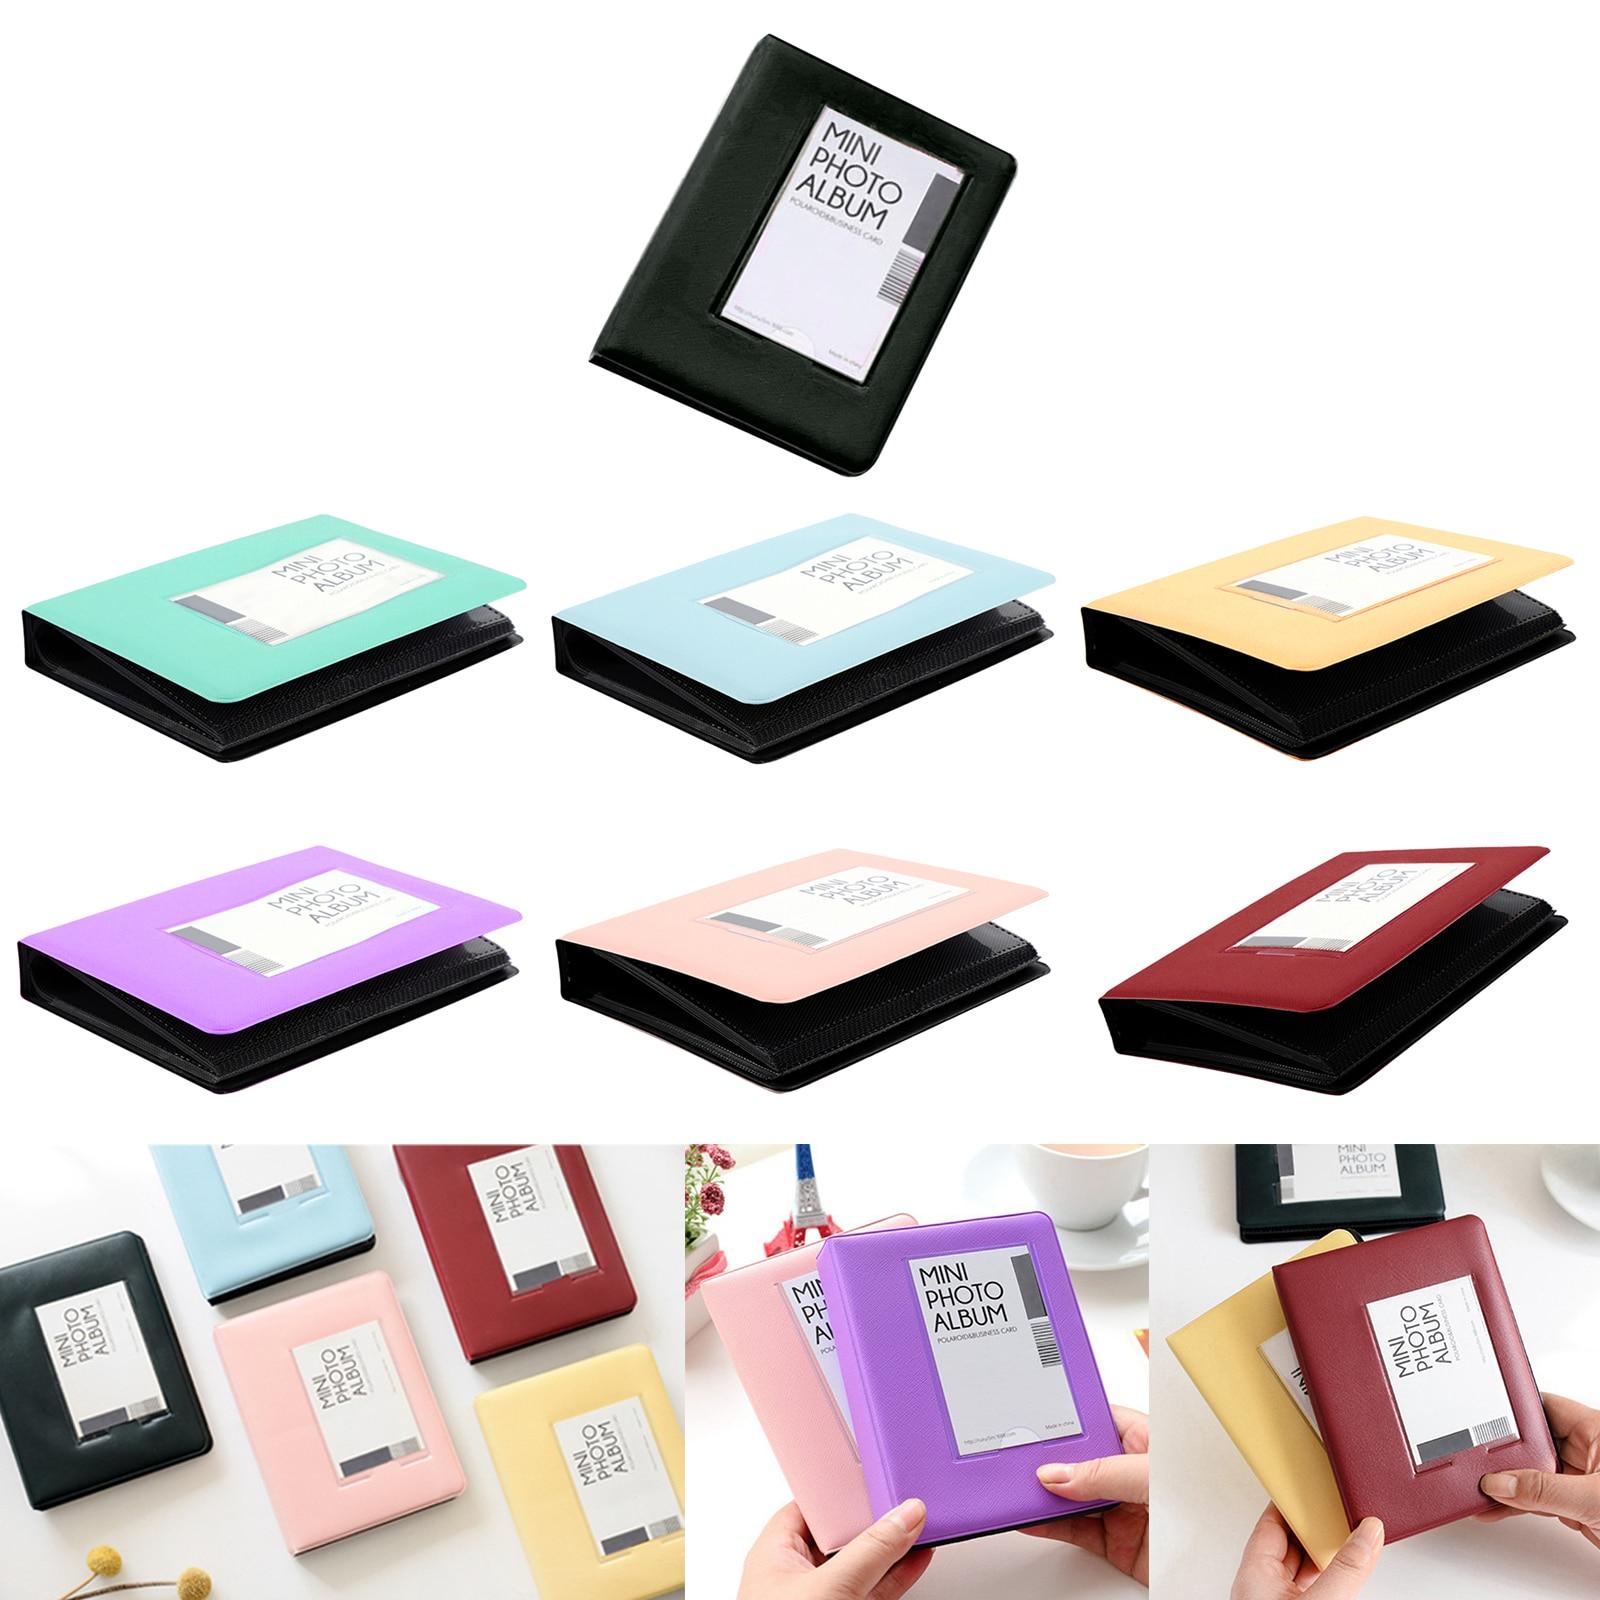 64 pochettes Album Photo livre 3 pouces Album fête de mariage Photos souvenirs de famille cadeaux pour Fujifilm Instax Mini 9 8 7S 90 70 50 25S